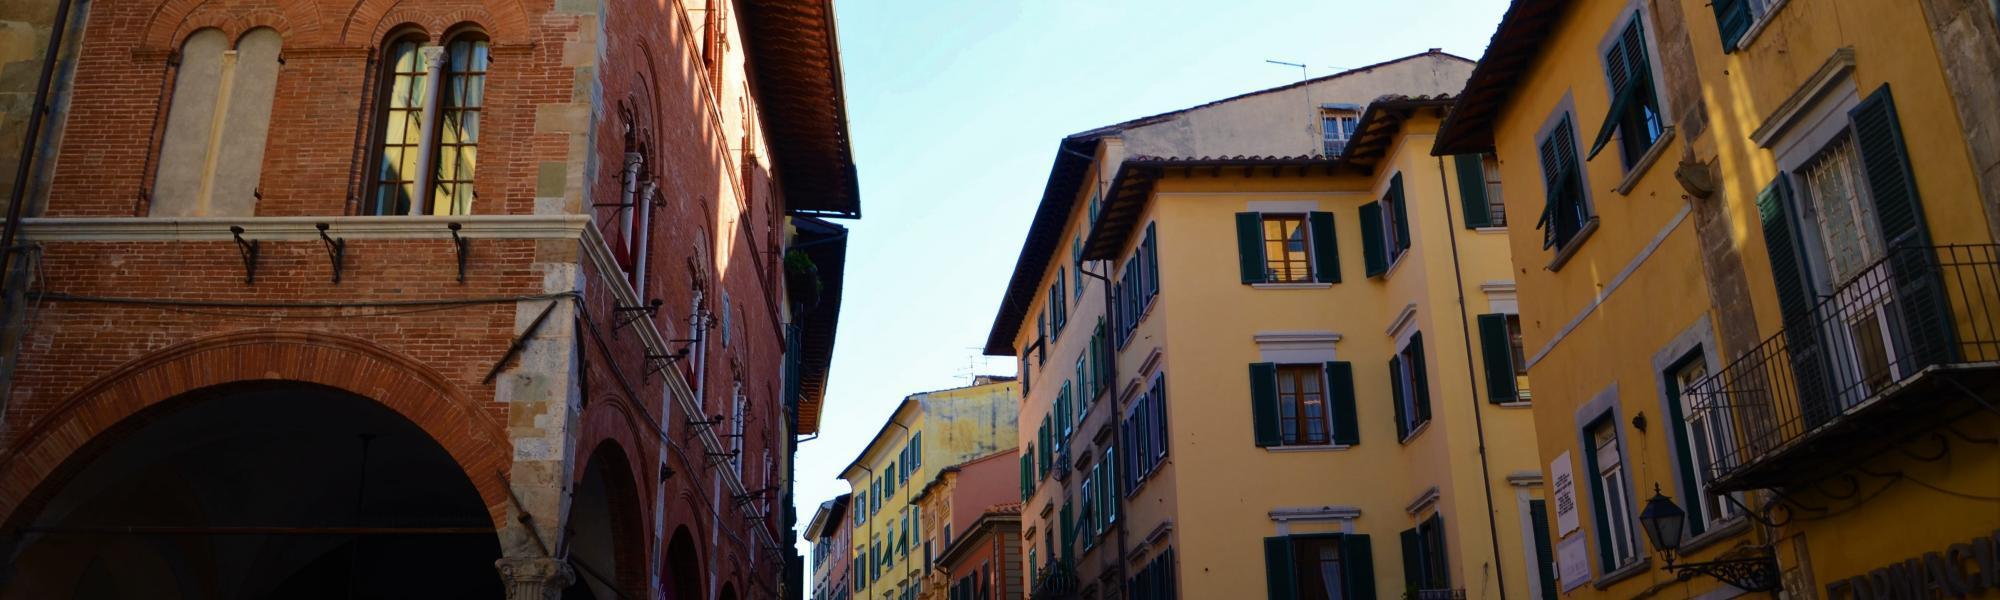 Borgo Stretto  (L. Corevi, Comune di Pisa)